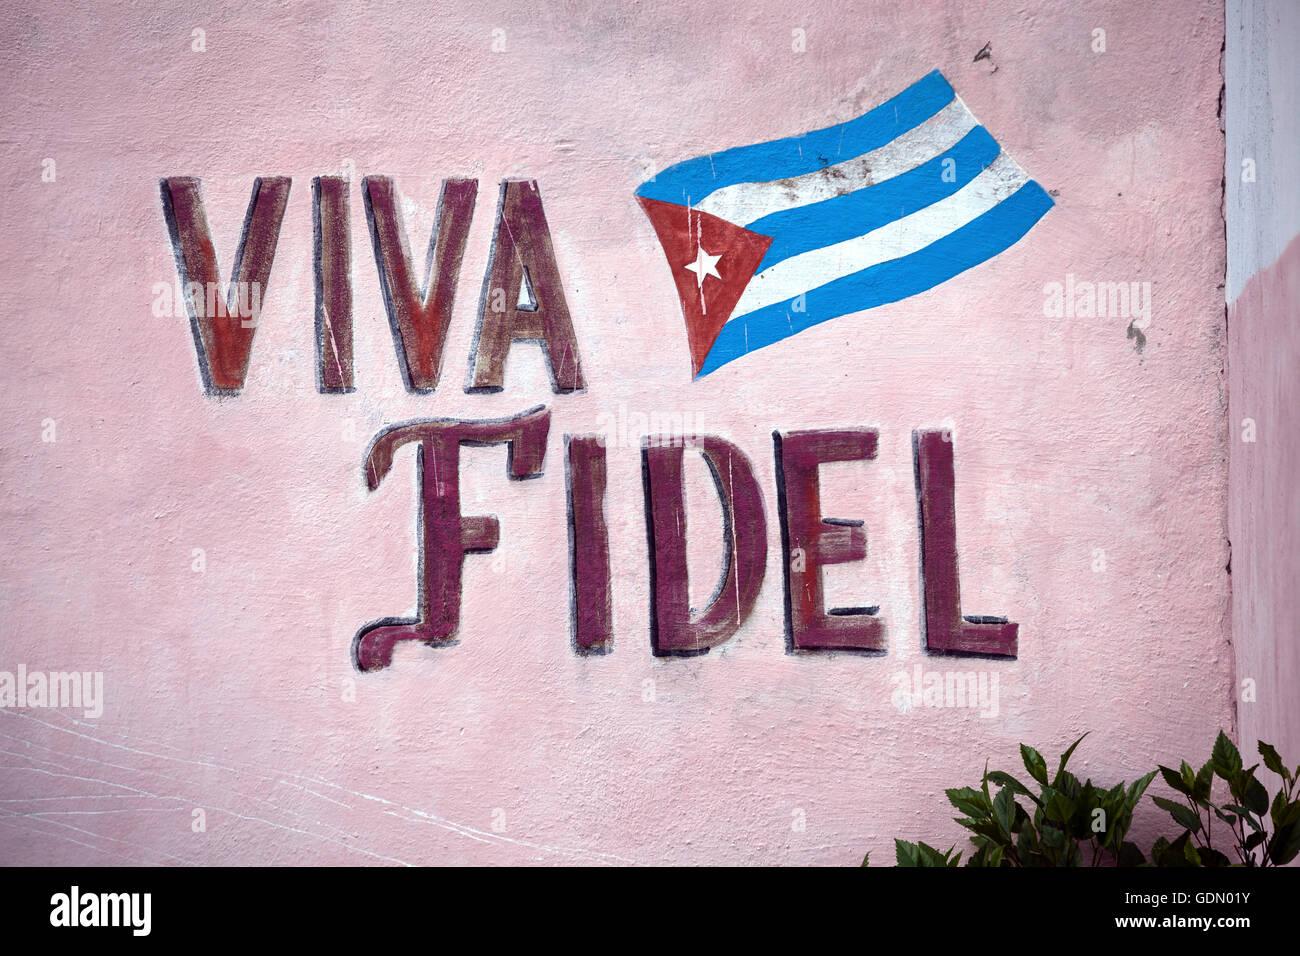 Bemalten Wand mit der Flagge von Kuba und die Worte Viva Fidel Santiago von Kuba, Provinz Santiago De Cuba, Kuba Stockbild